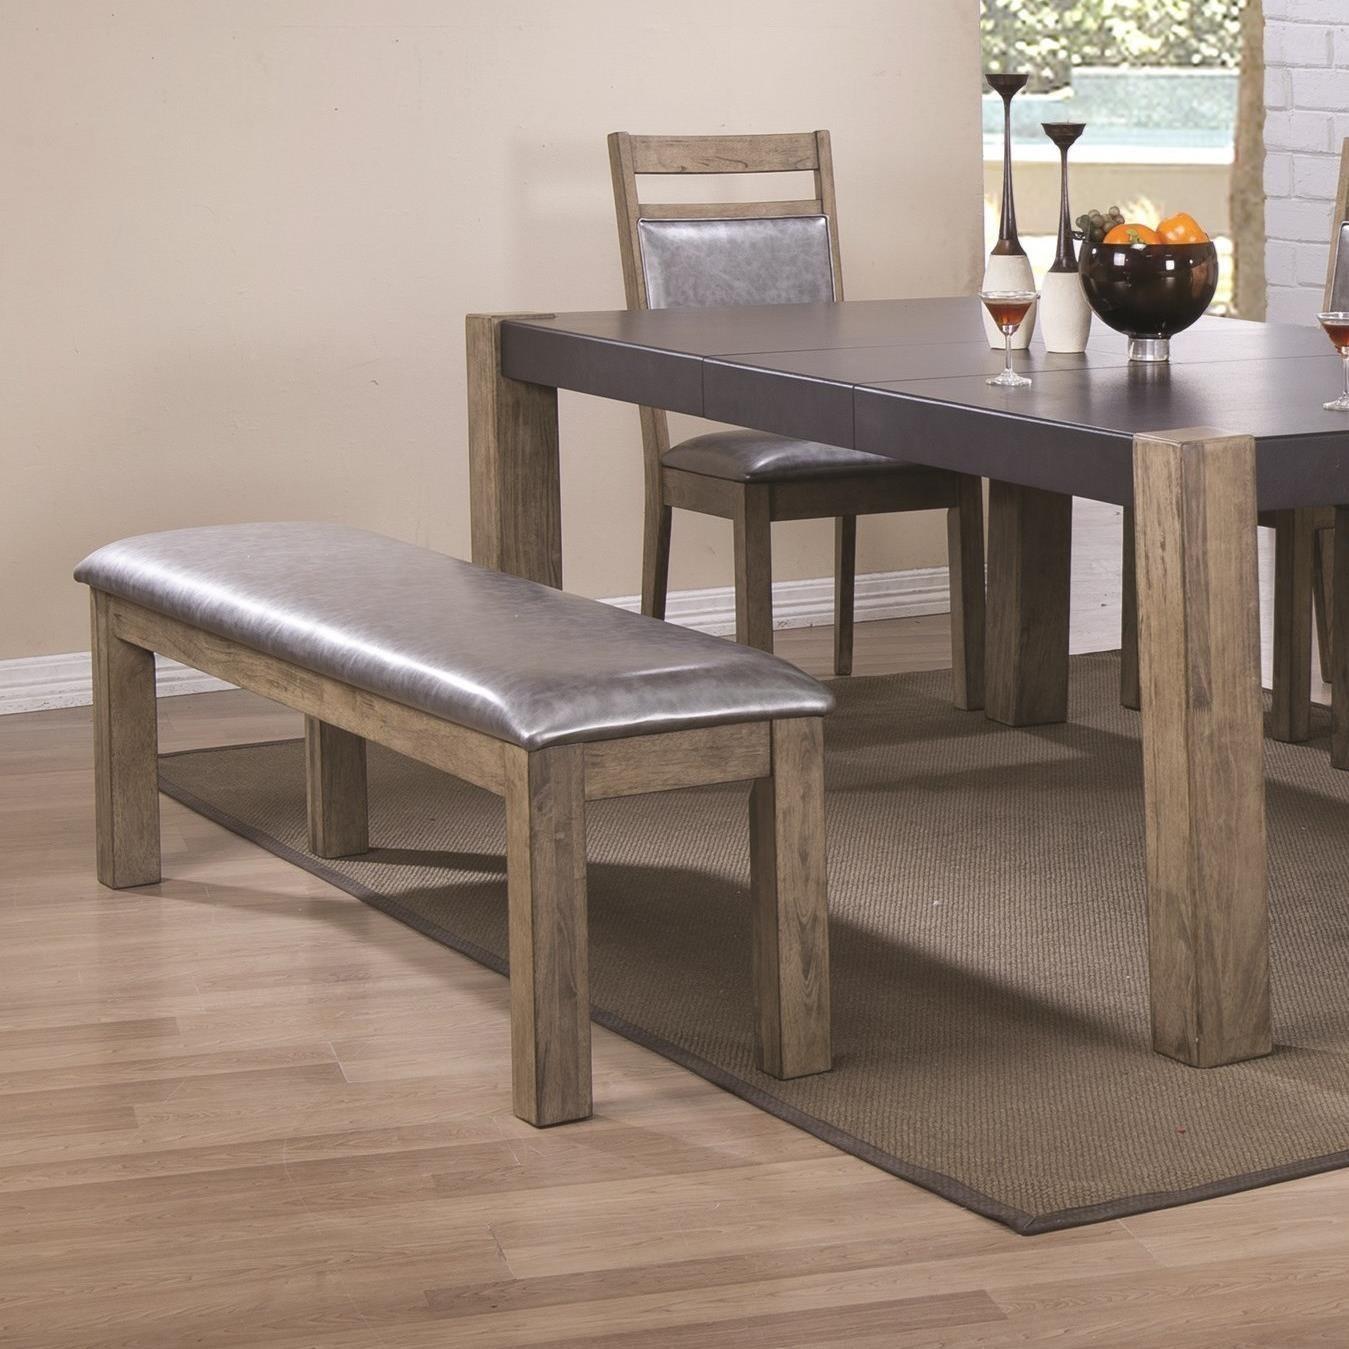 Coaster Ludolf Upholstered Dining Bench - Item Number: 107133